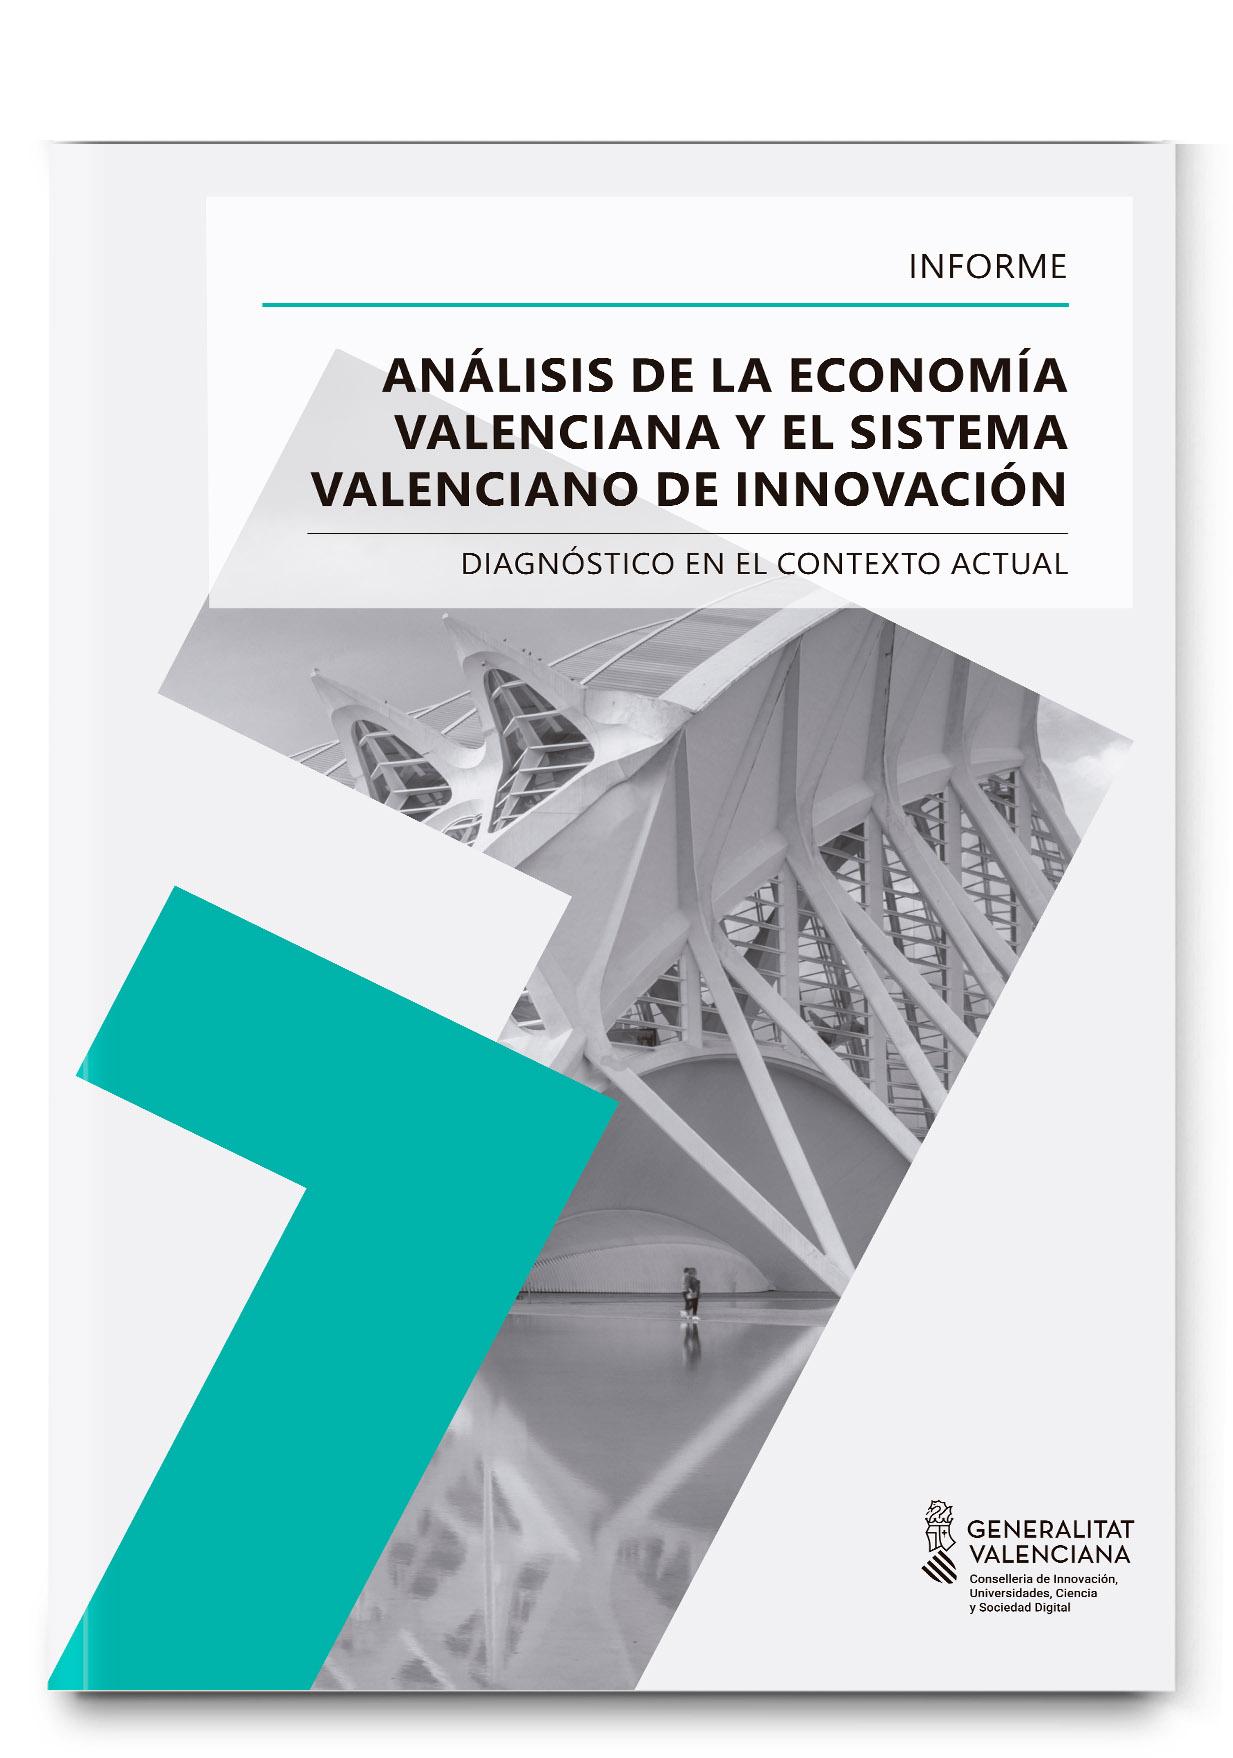 Análisis de la economía valenciana y el sistema valenciano de innovación. Diagnóstico en el contexto actual